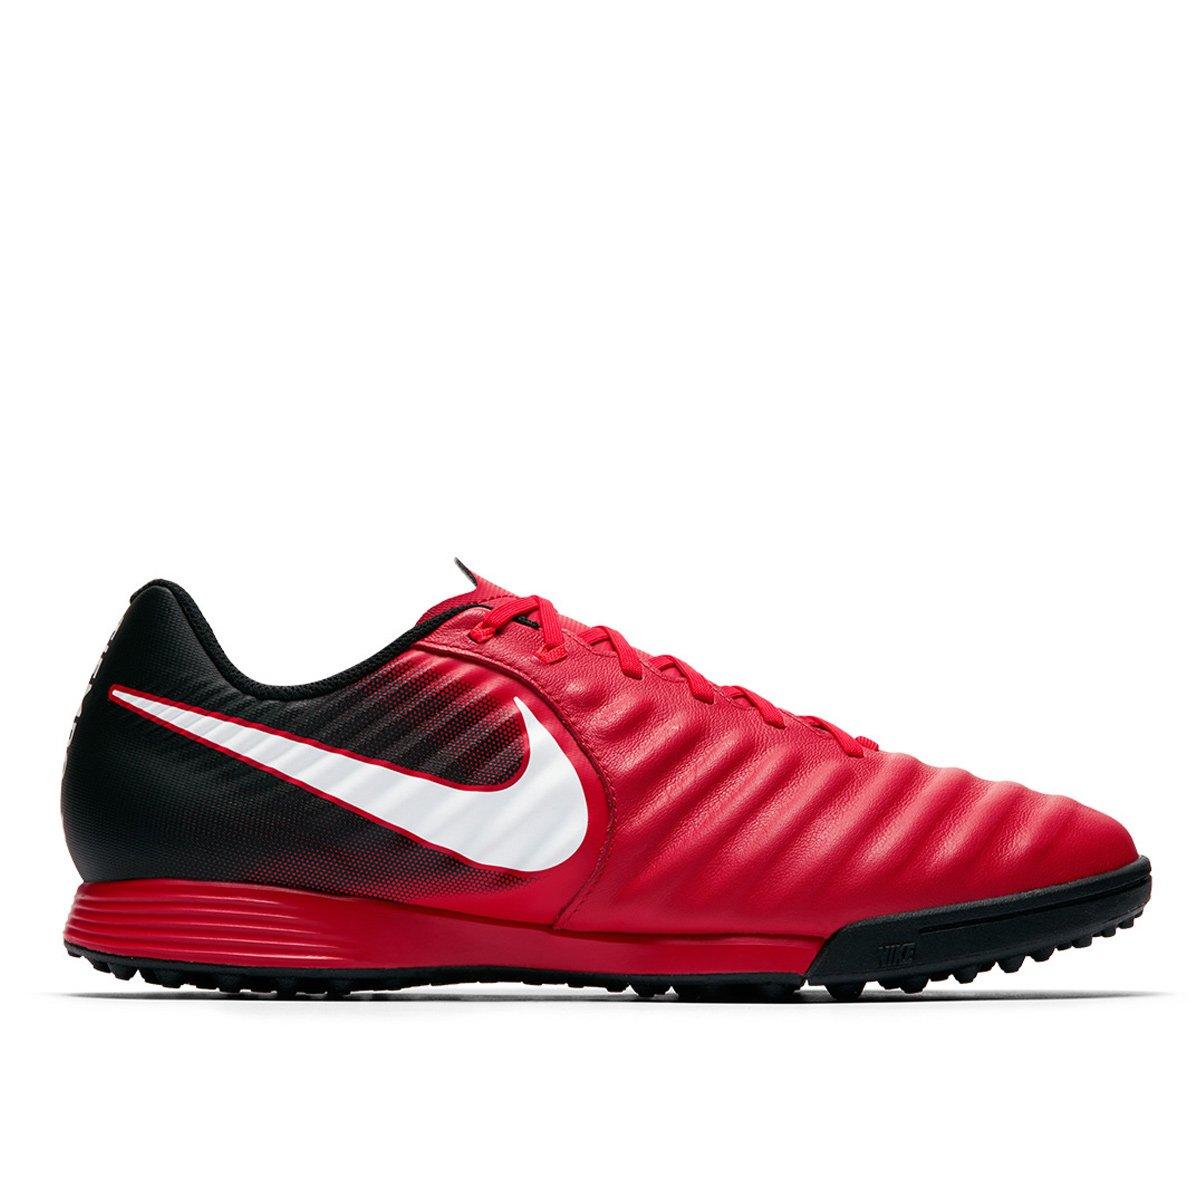 329cb3ec0c Chuteira Society Nike Tiempo Ligera 4 TF - Vermelho e Branco ...